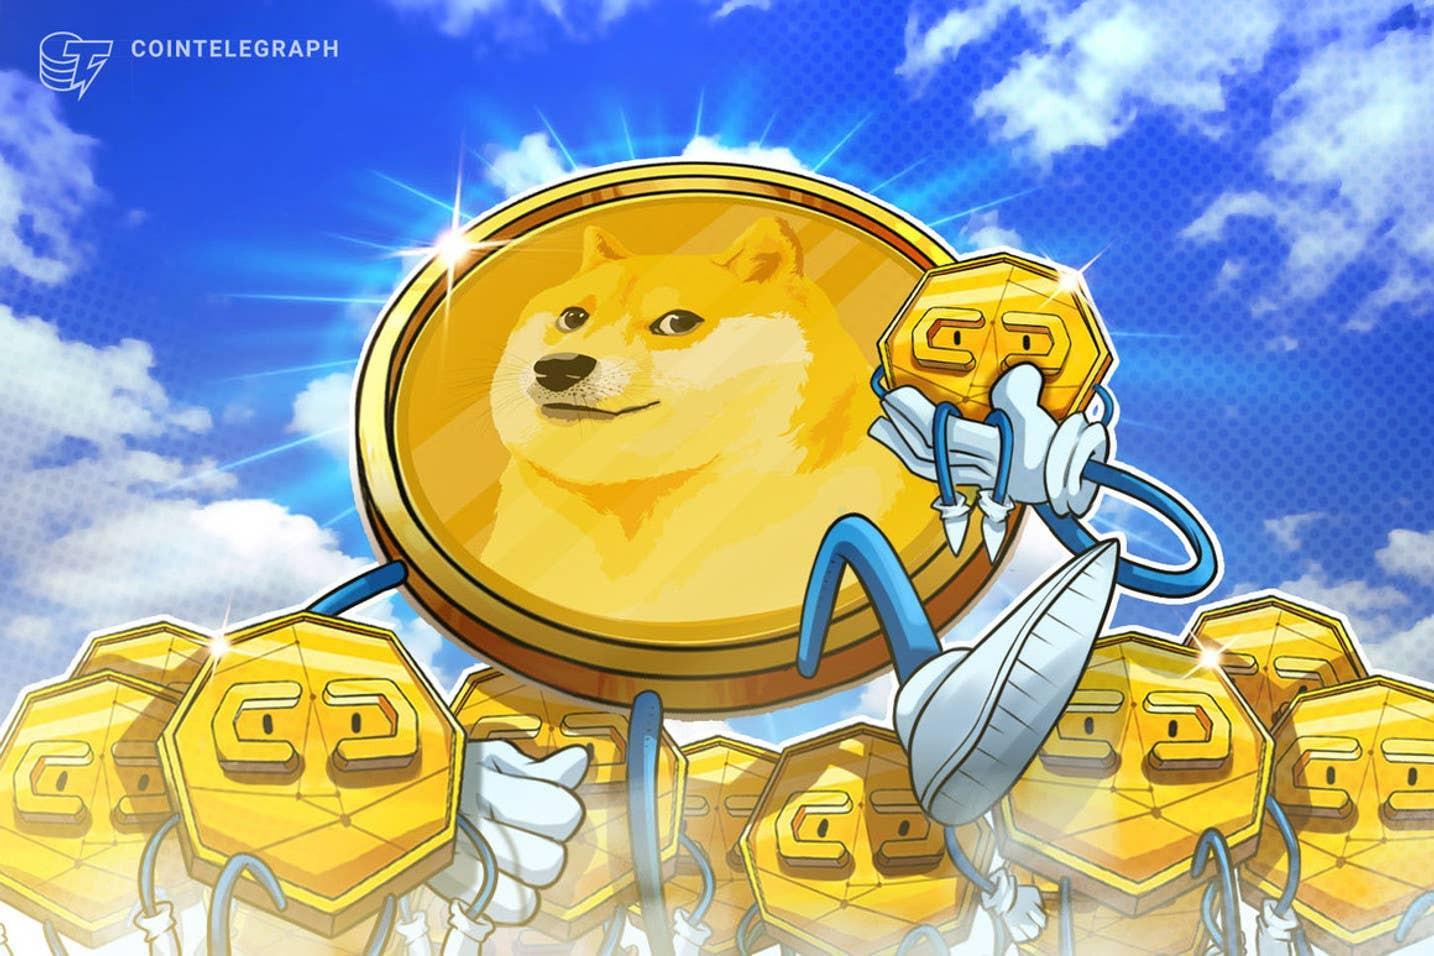 Batalla de los cripto-memes: Dogecoin 2.0 sube más del 300% en 24 horas y busca desafiar al DOGE original